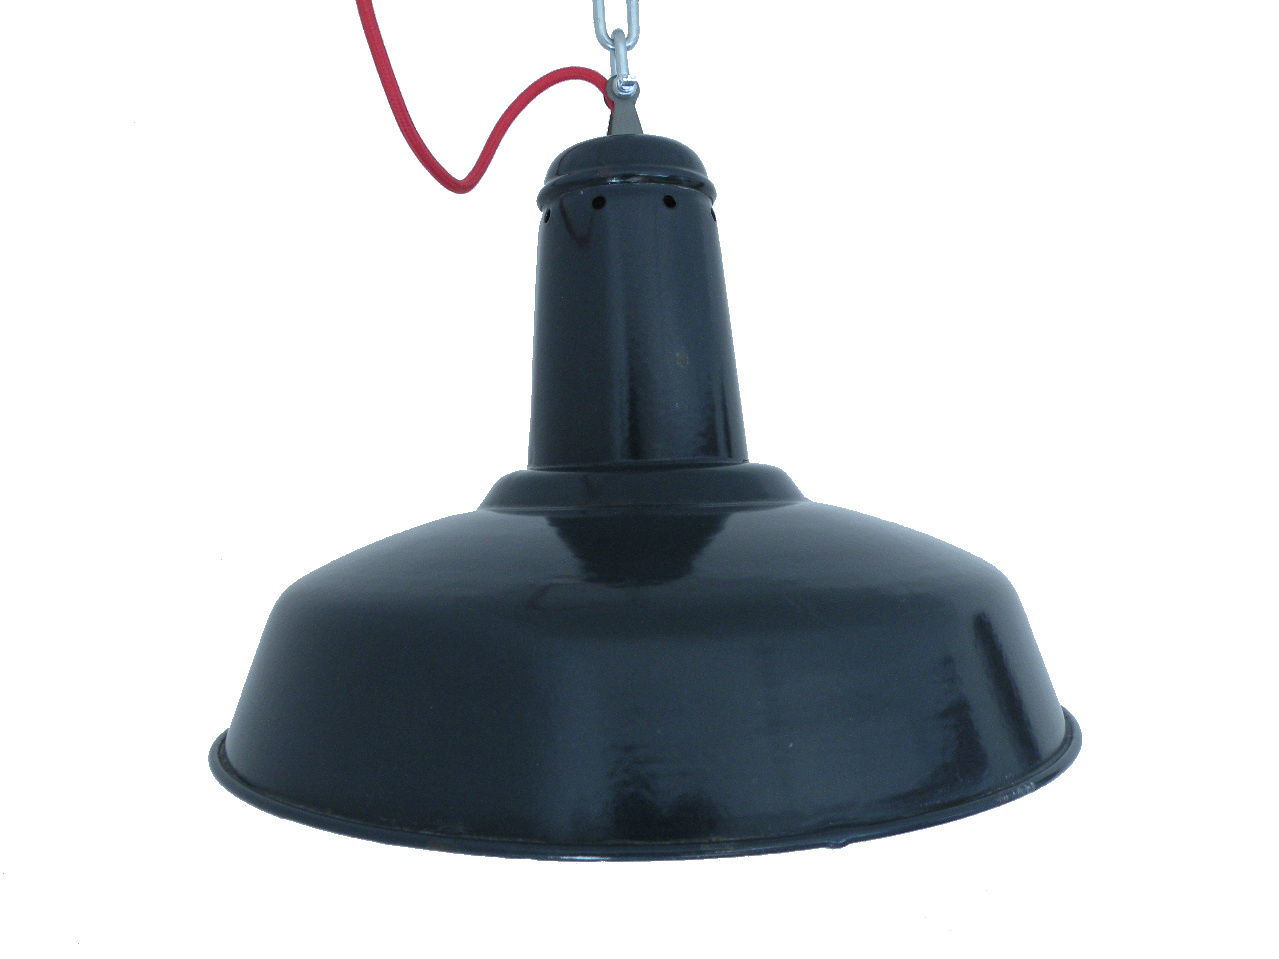 Ontwerp Hanglamp Slaapkamer ~ anortiz.com for .